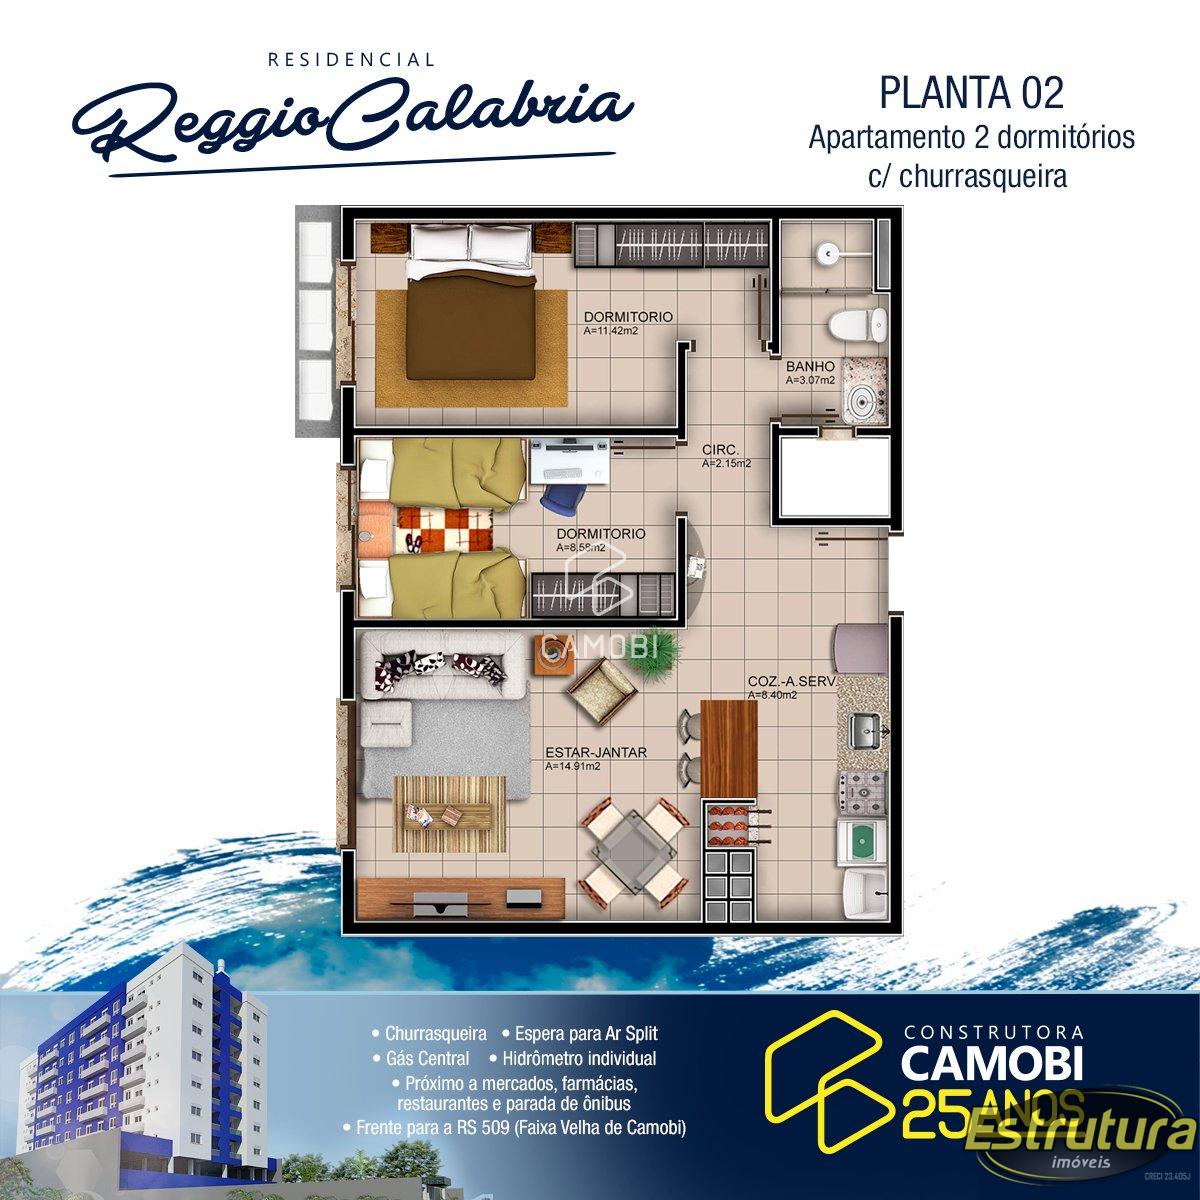 Apartamento com 2 Dormitórios à venda, 66 m² por R$ 389.000,00